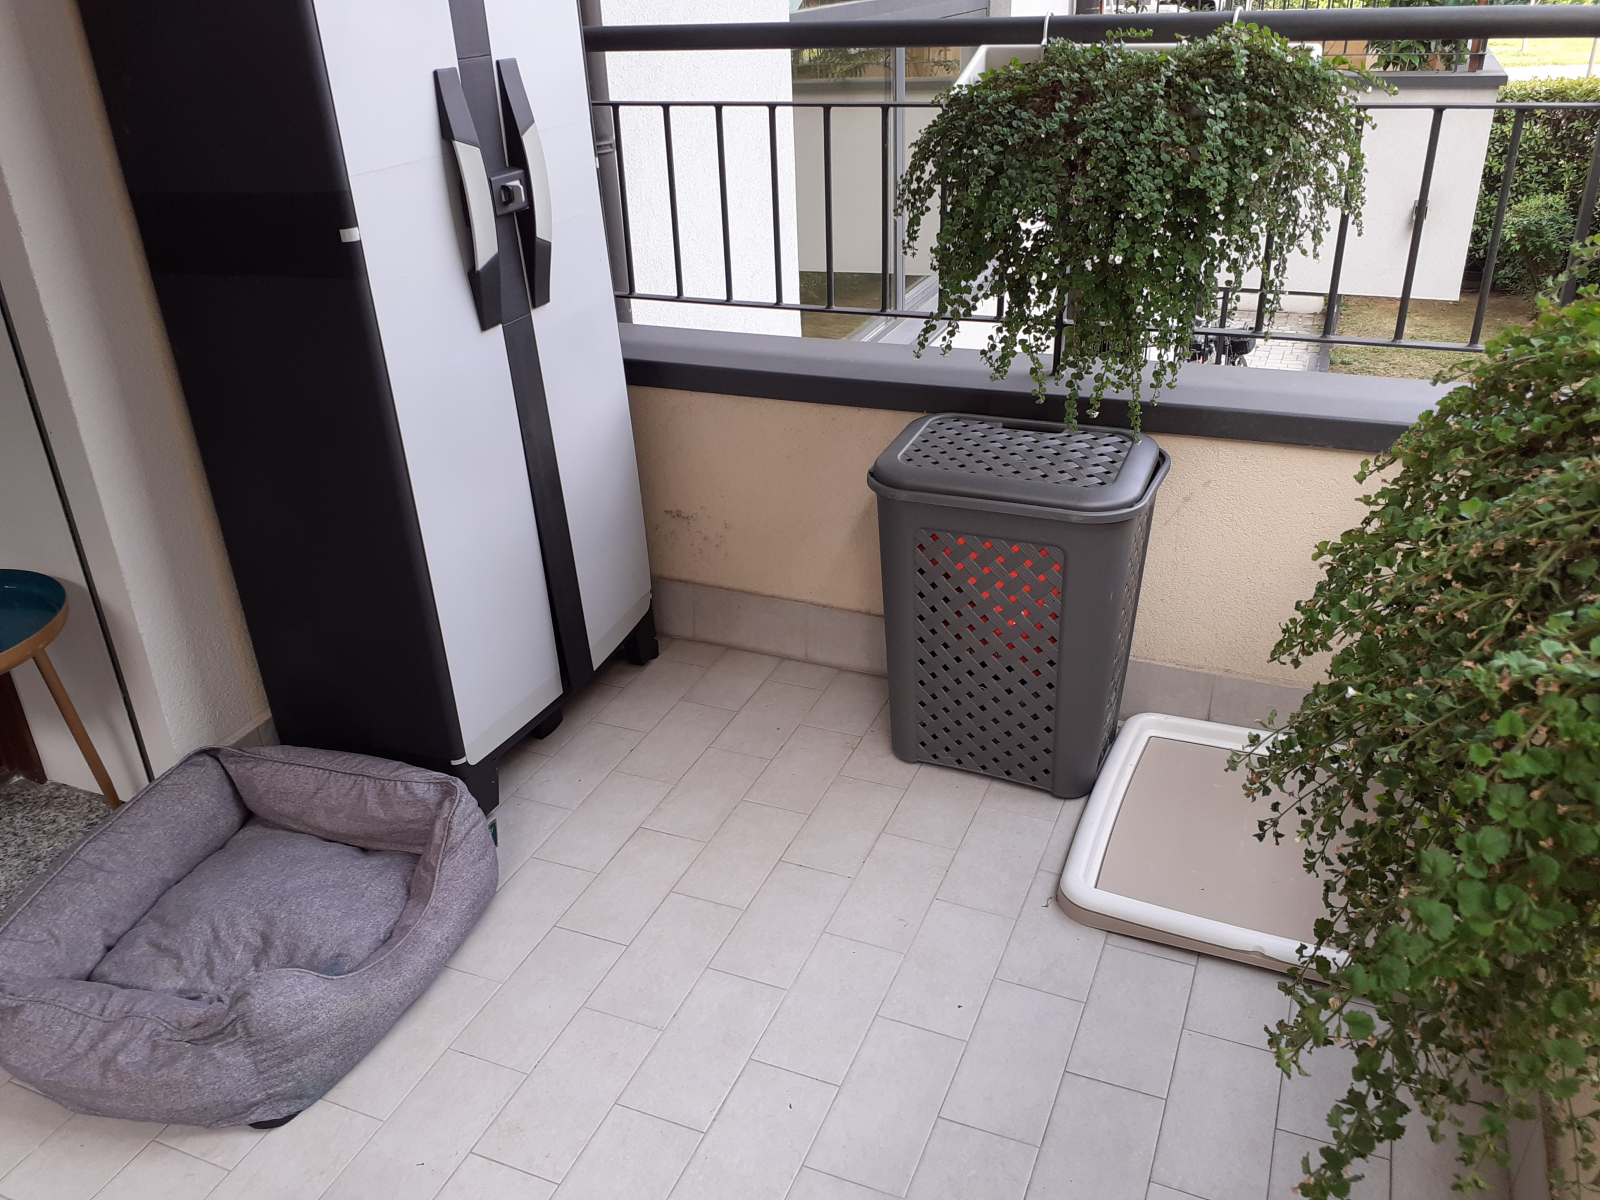 appartamento-open-space-milano-via-broggini-baggio-spaziourbano-immobiliare-vende-16